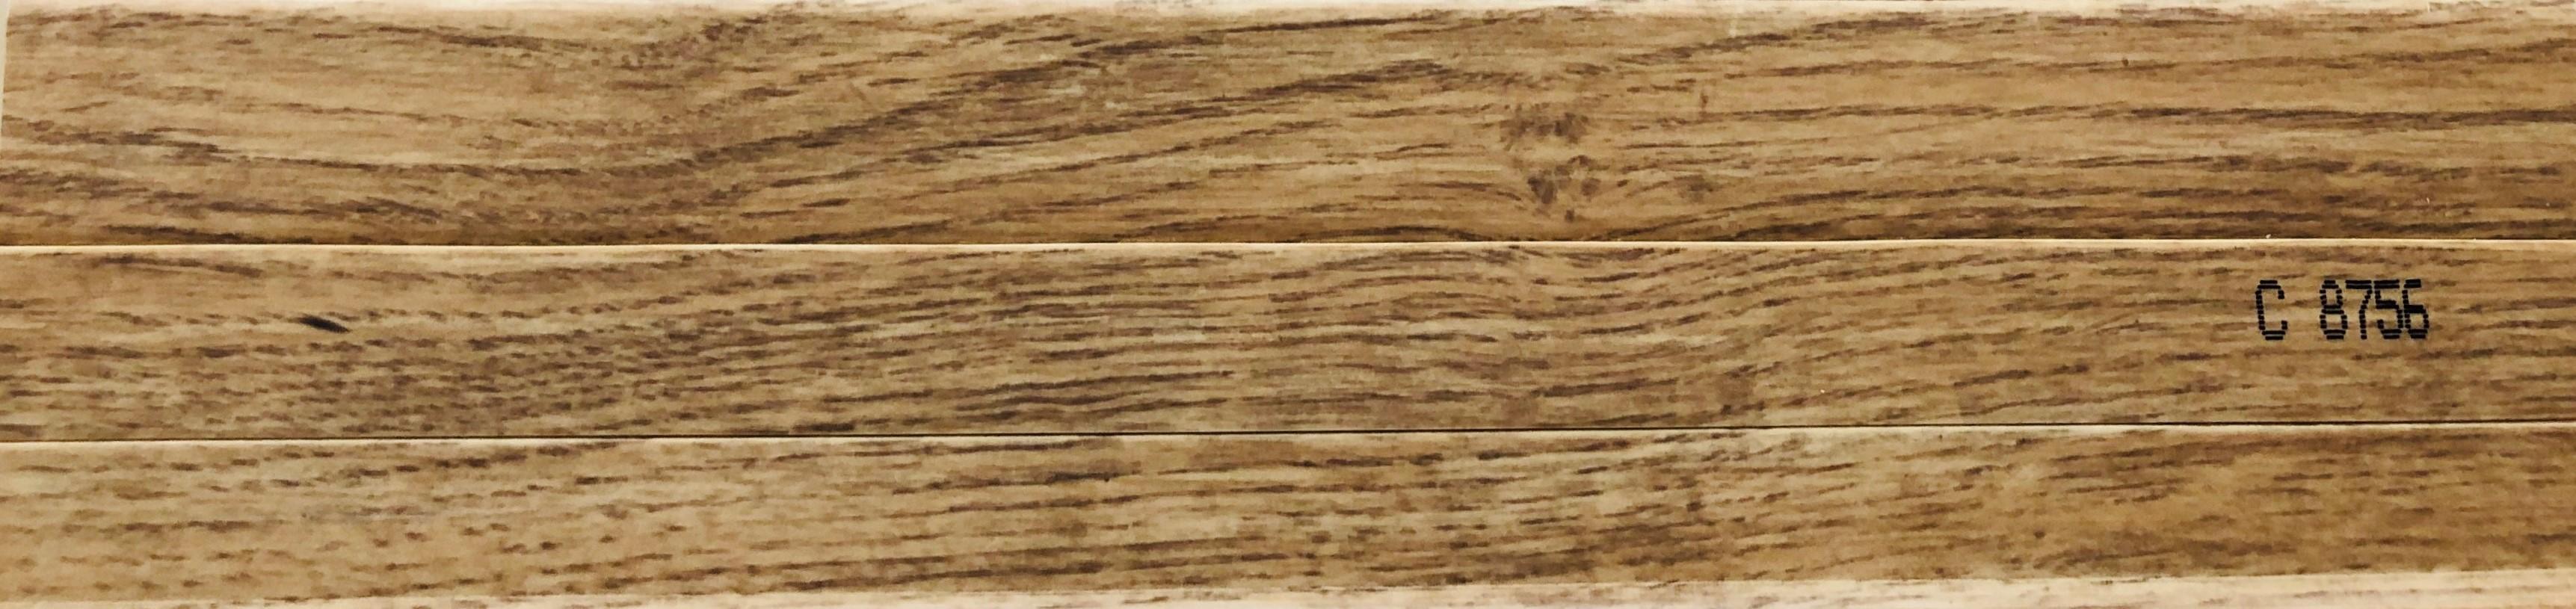 Lišta originál Rigid Vinyl Floor Dub selský C8756